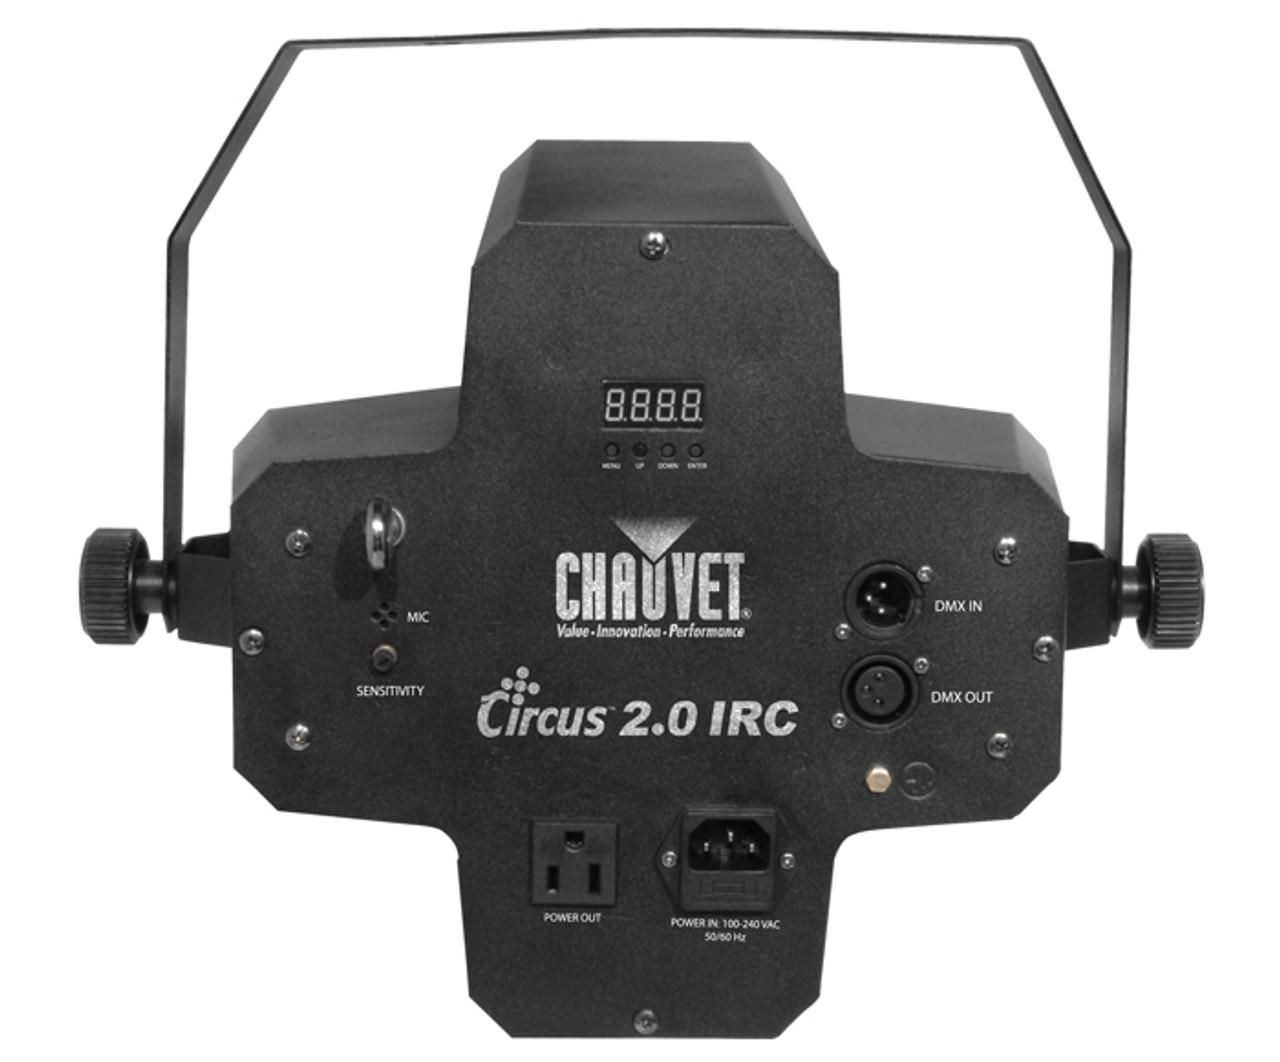 CIRCUS 2.0 IRC LIGHT